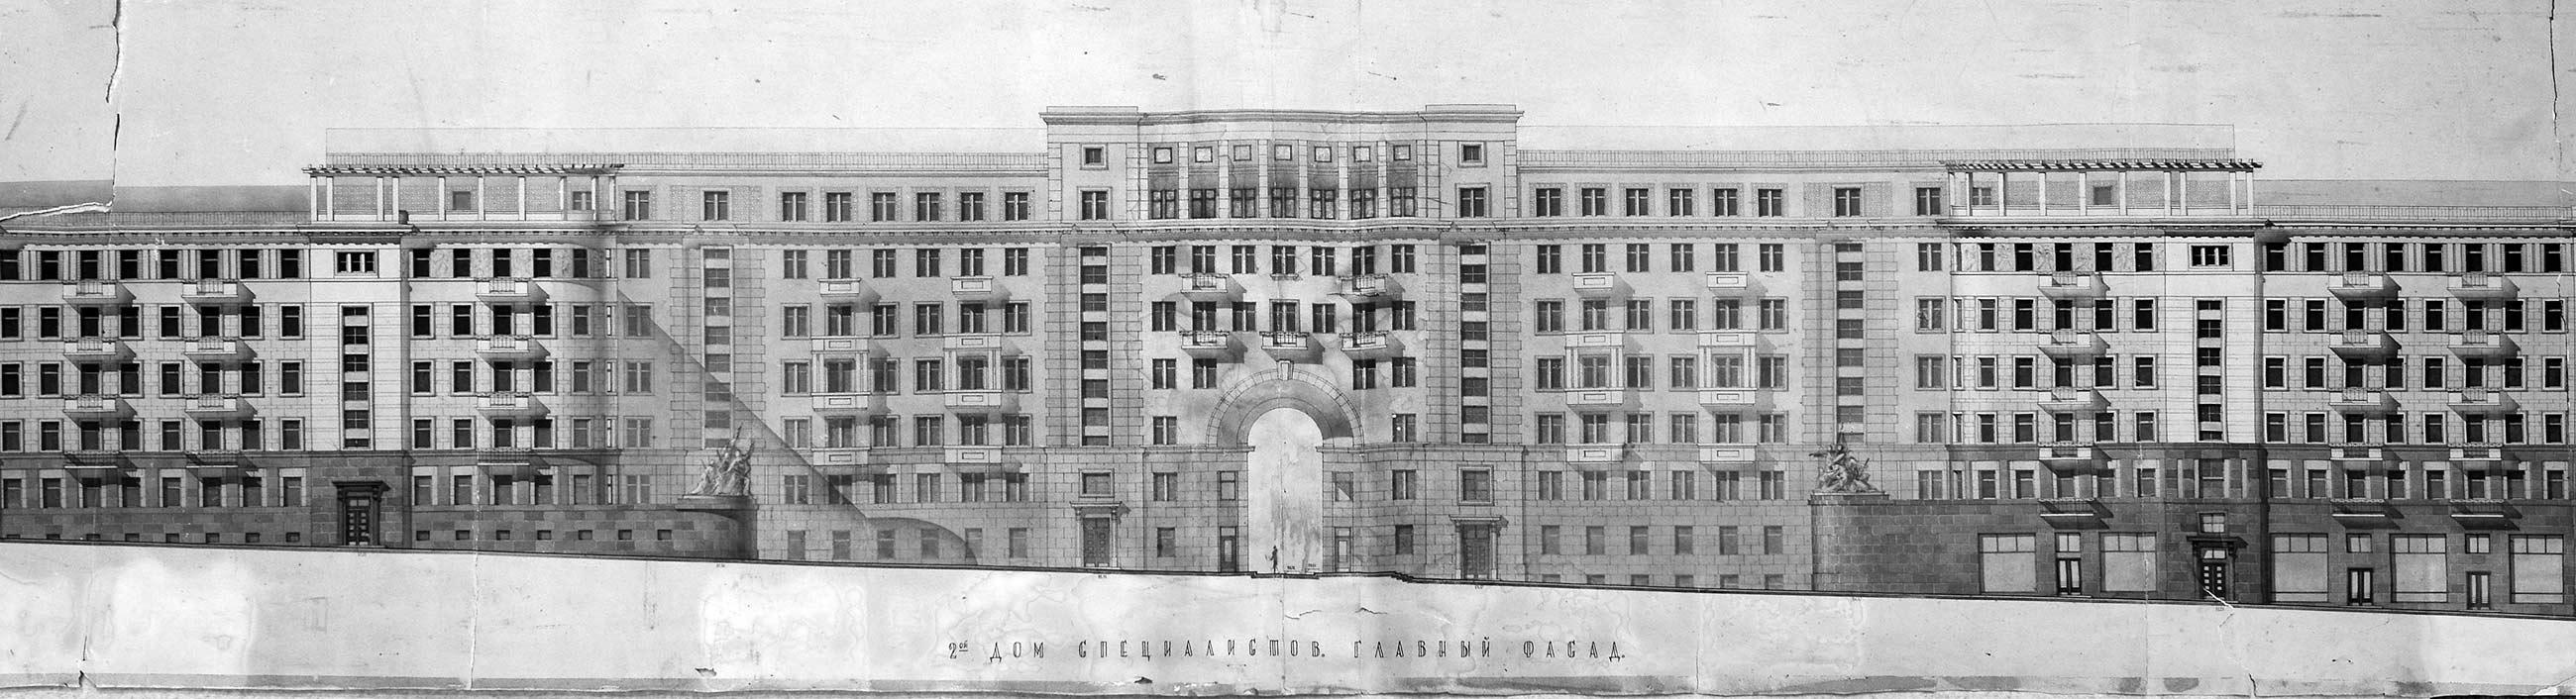 shyr 05 - <b>Забута архітектура 1930-х.</b> Що варто знати про міжвоєнні проєкти у Києві - Заборона